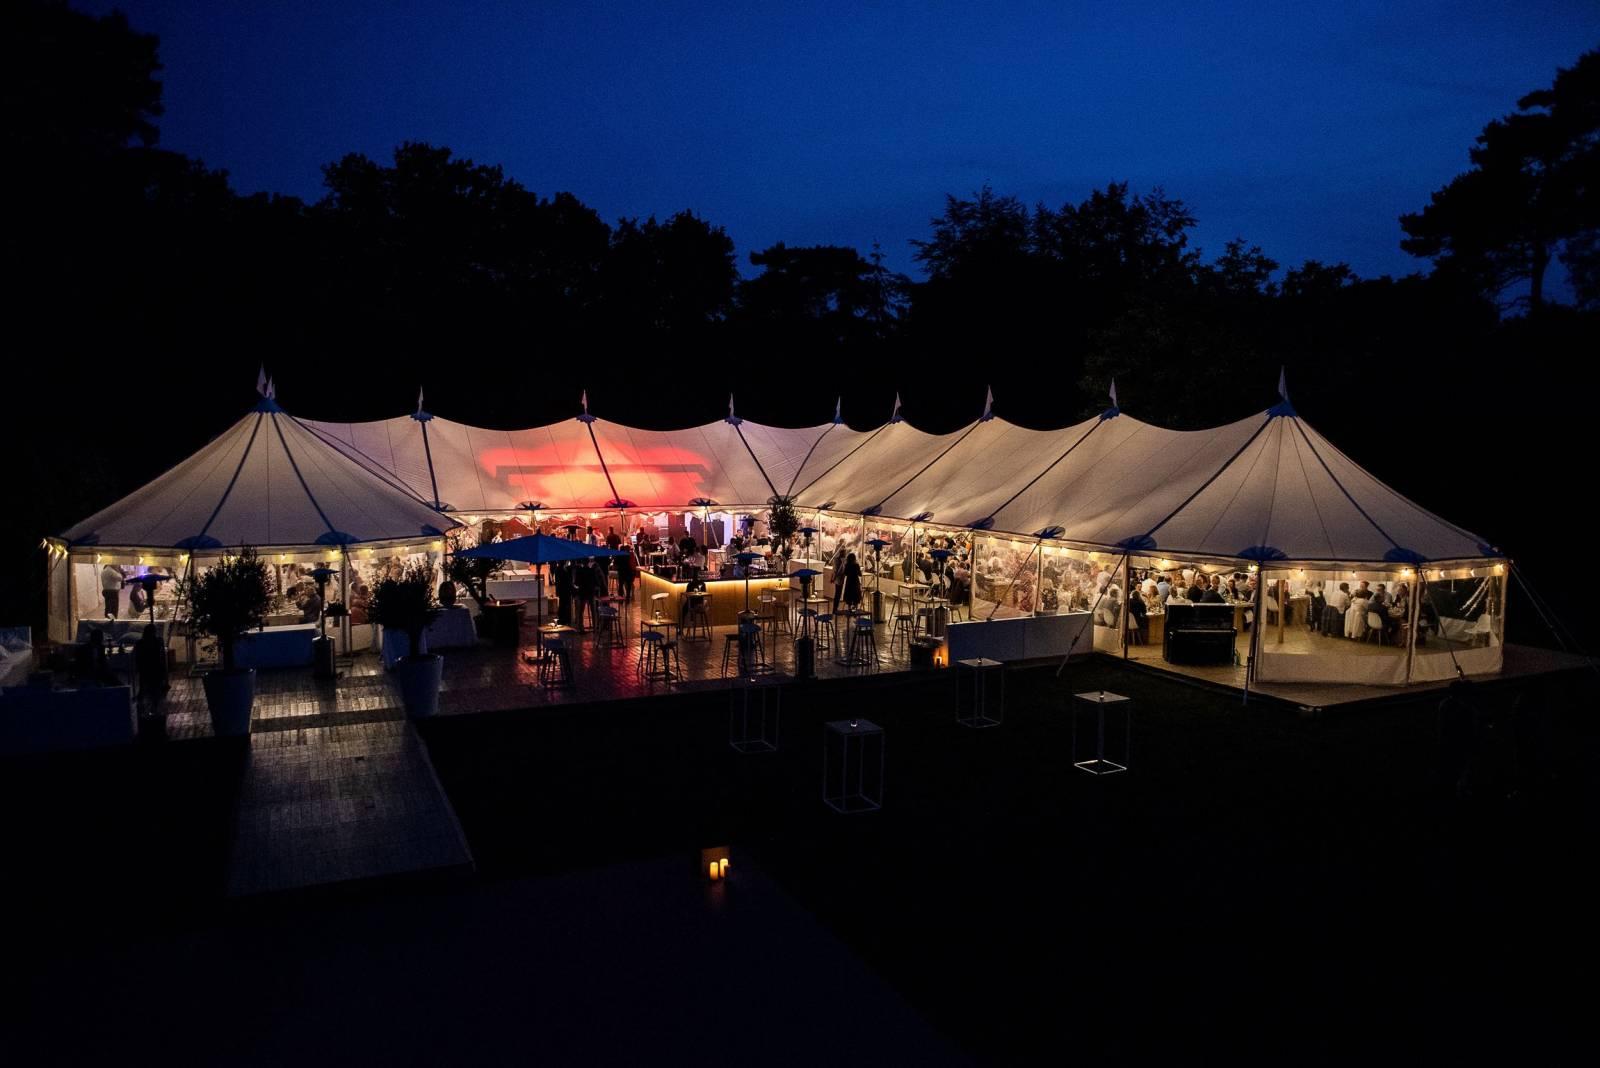 Altiro Tenten - Wedding Tent - Feesttent - Huwelijk trouw bruiloft - House of Weddings - 25